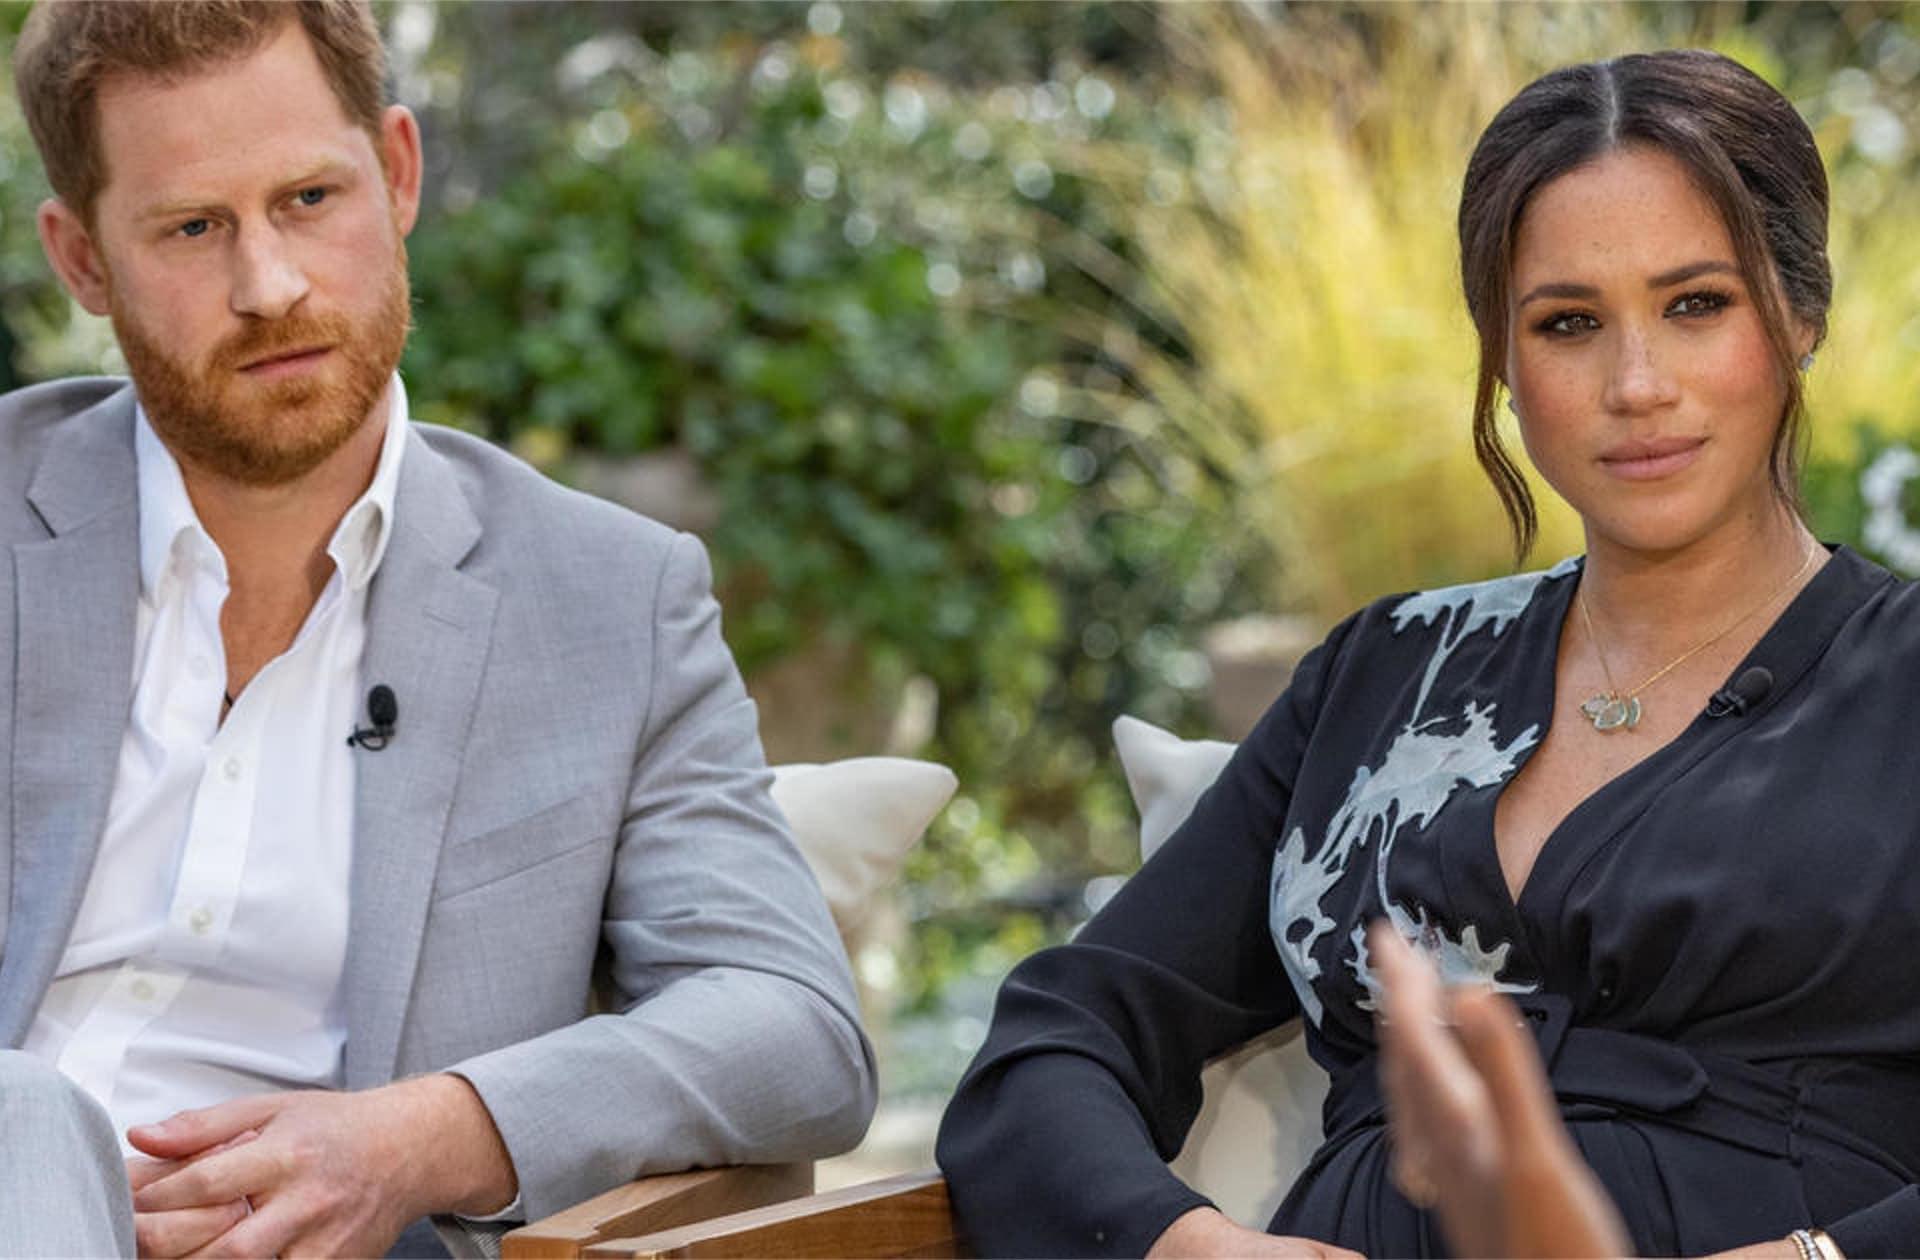 Pensées suicidaires, Buckingham raciste : les révélations choc de Harry et Meghan sur la couronne d'Angleterre